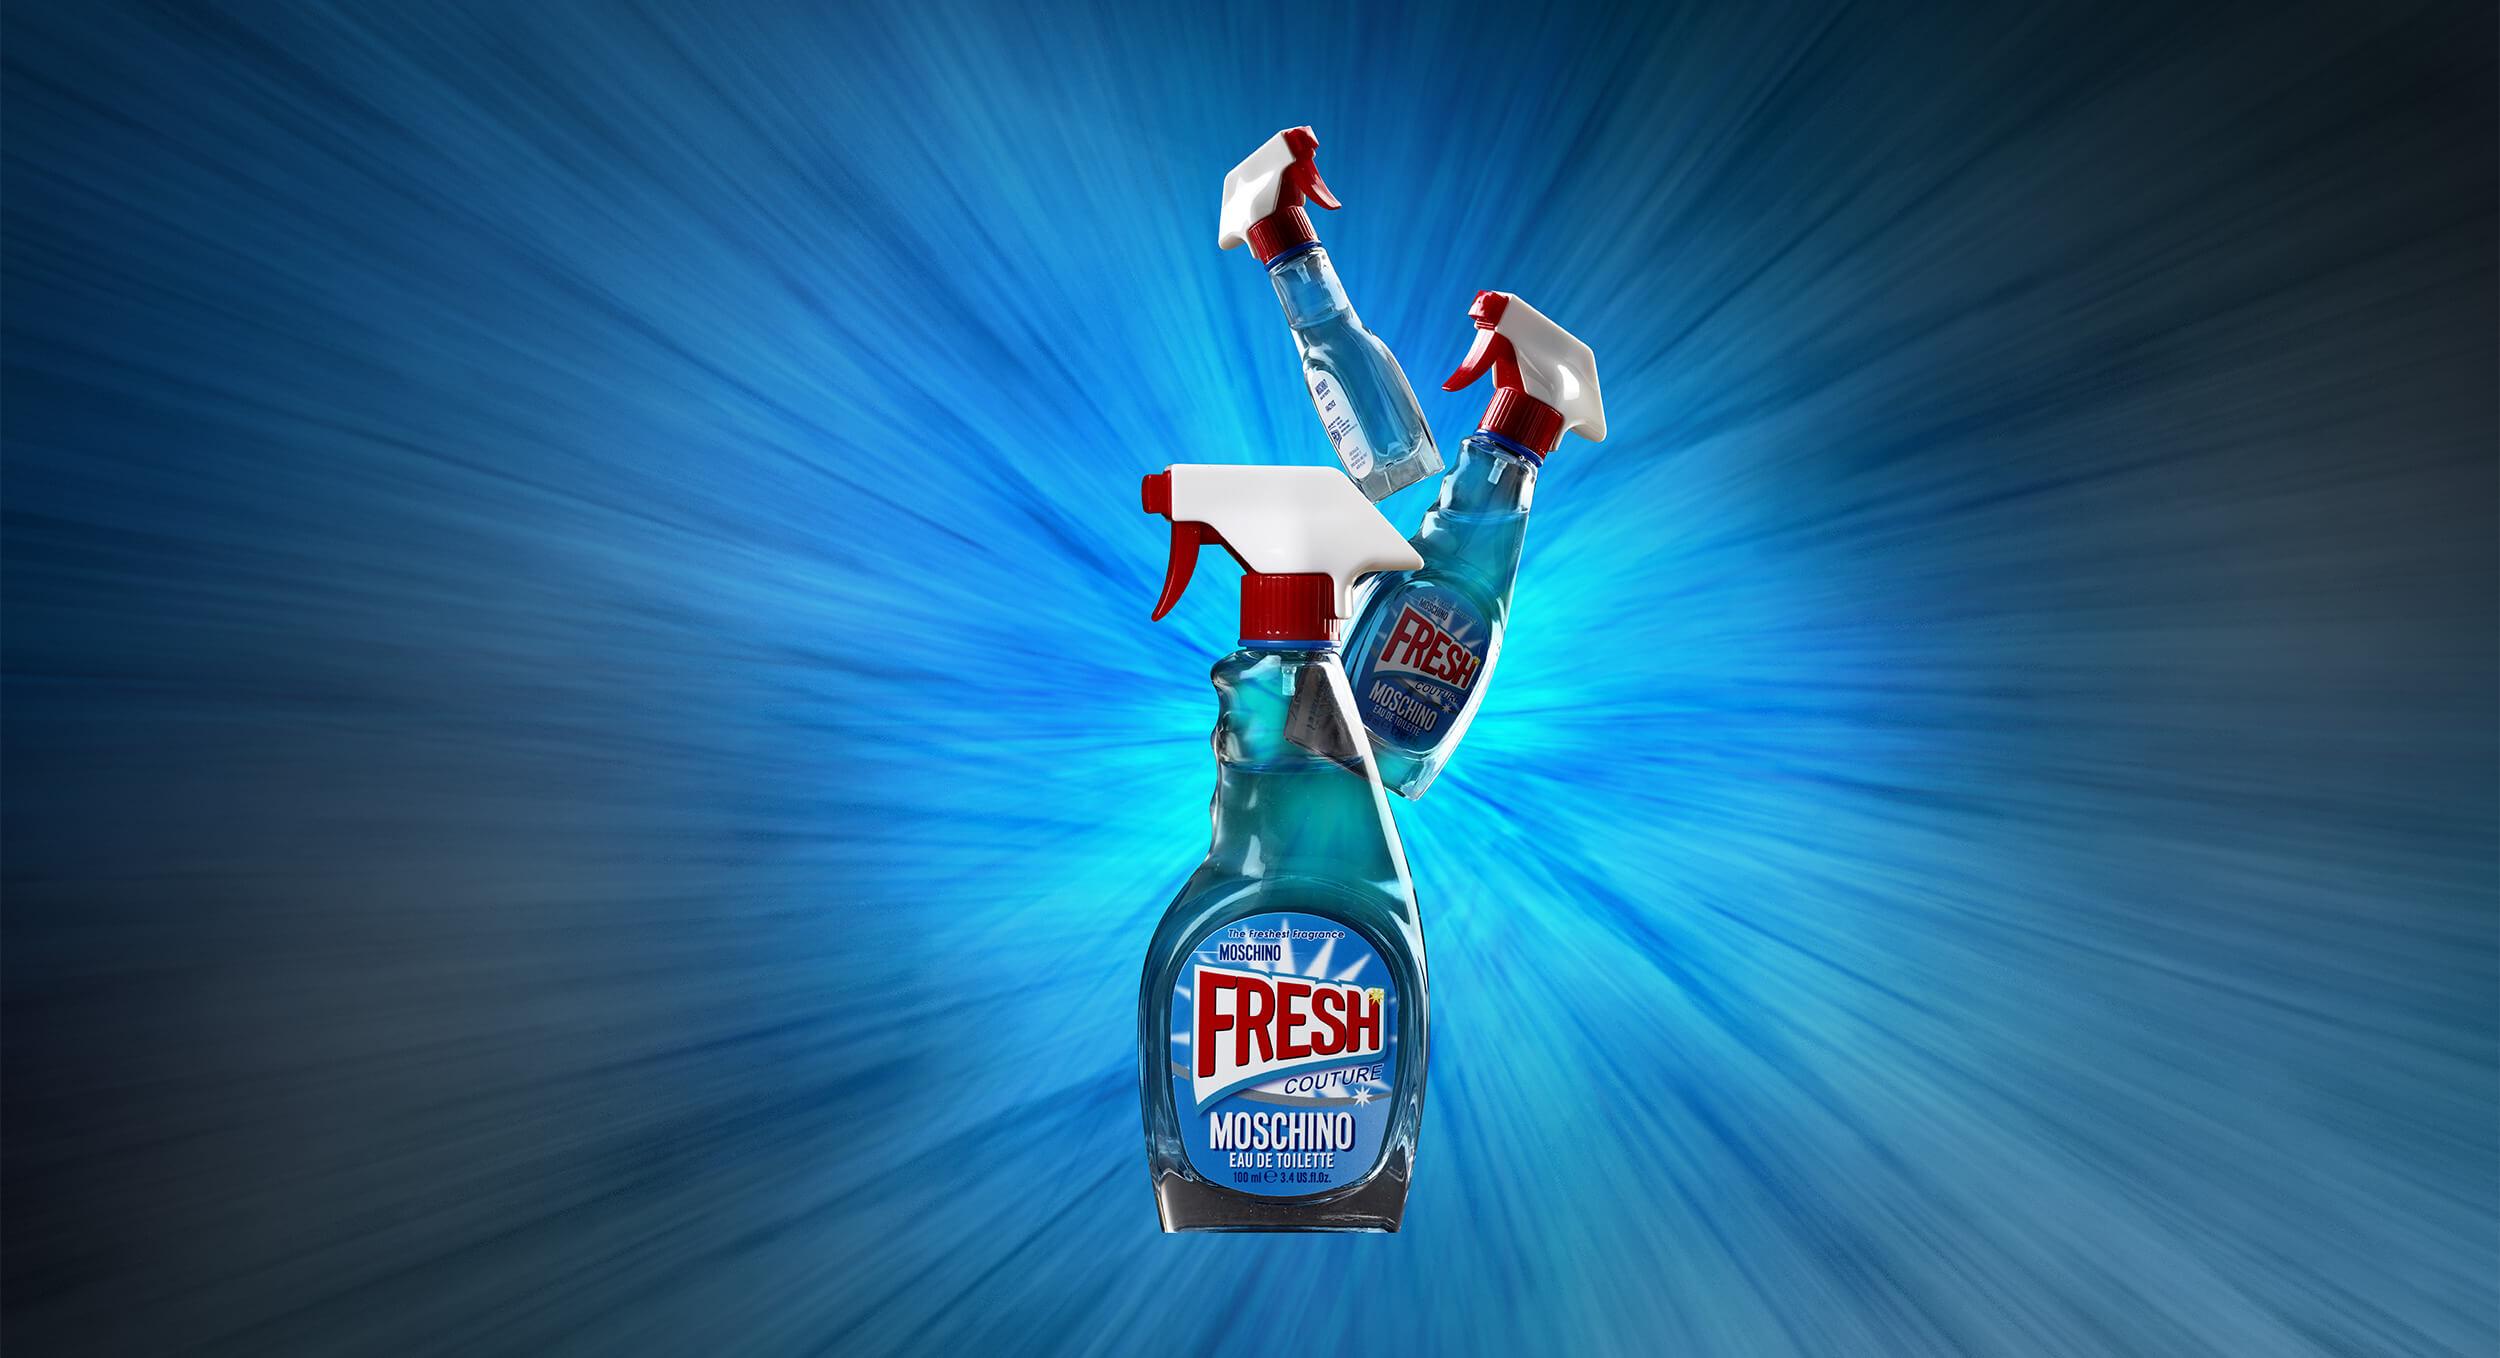 moschino-fresh